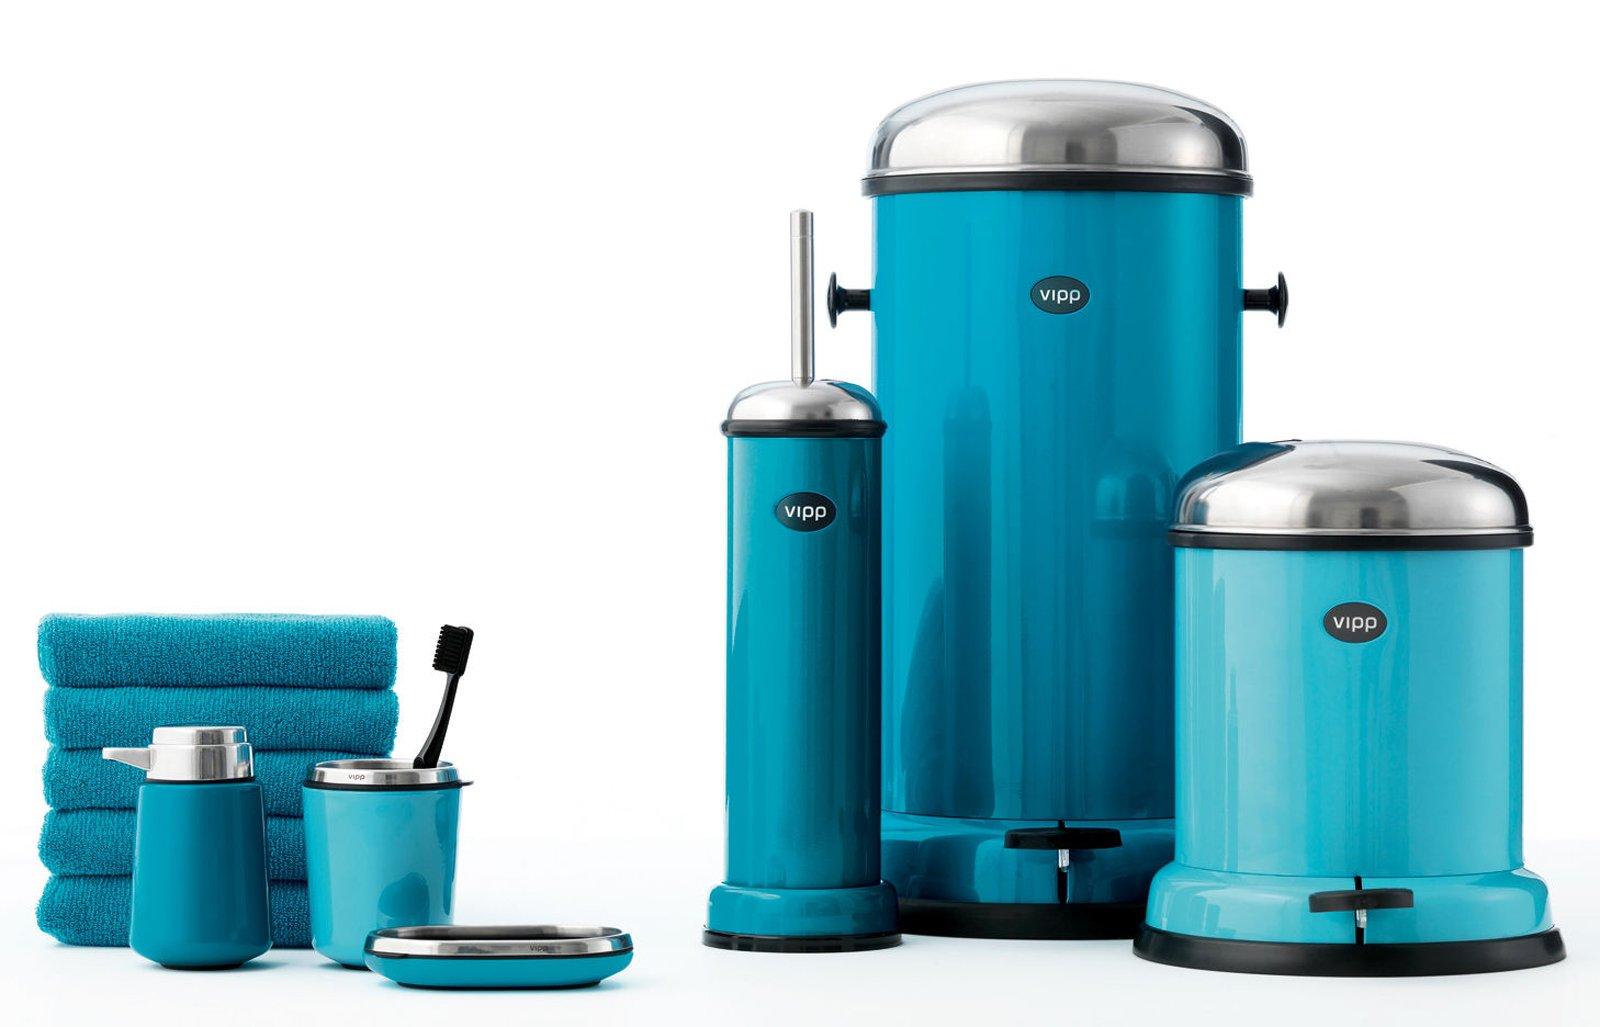 vipp completa la gamma destinata al bagno proponendo una nuova serie di accessori dal design minimalista